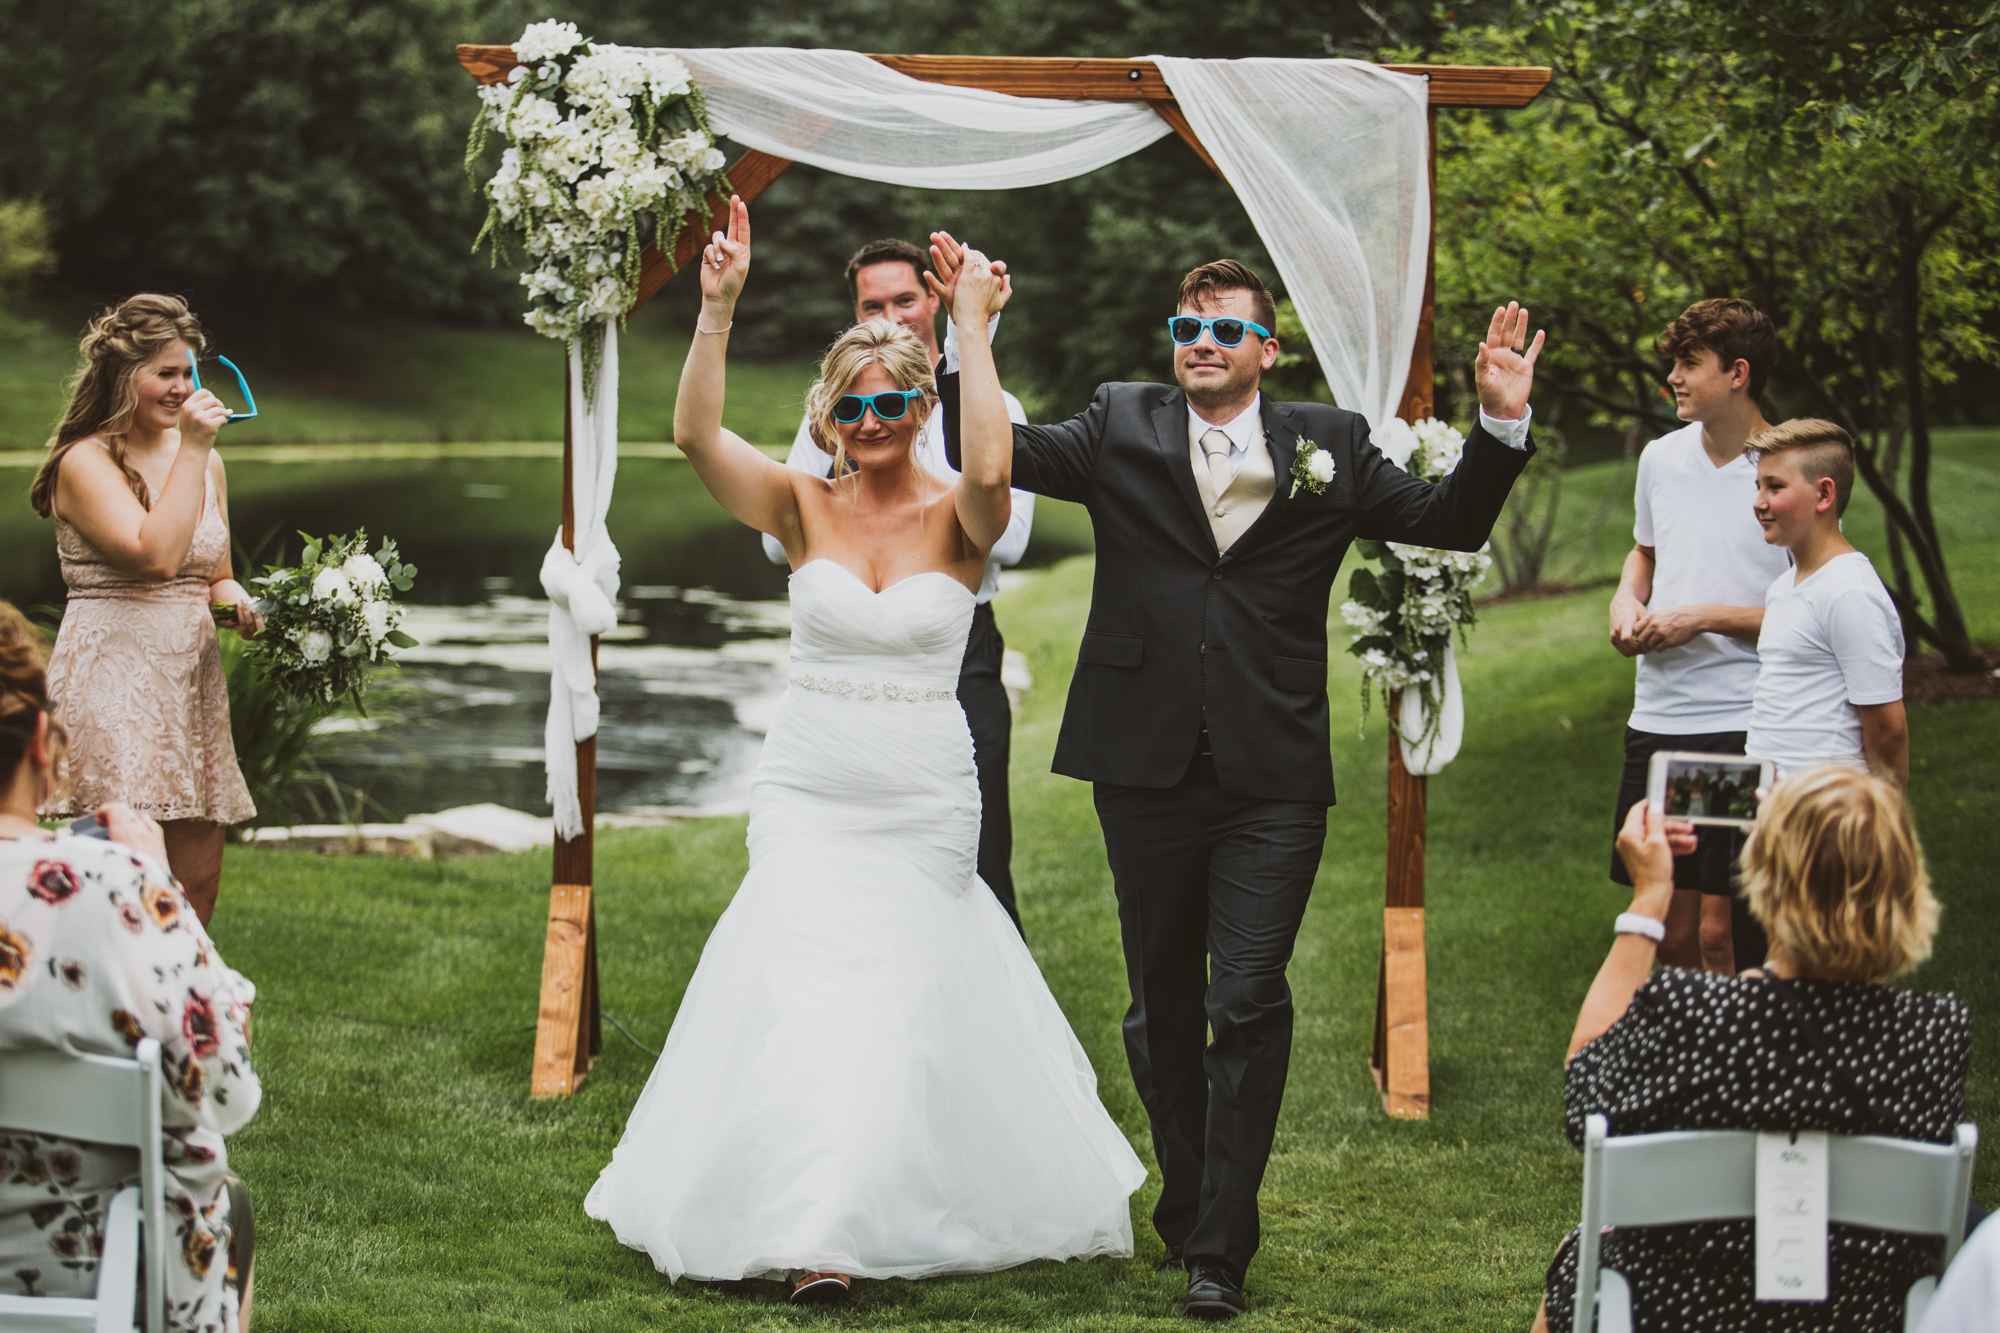 Find Best Chicago Wedding Photographer | Get Wonderful Wedding Photos